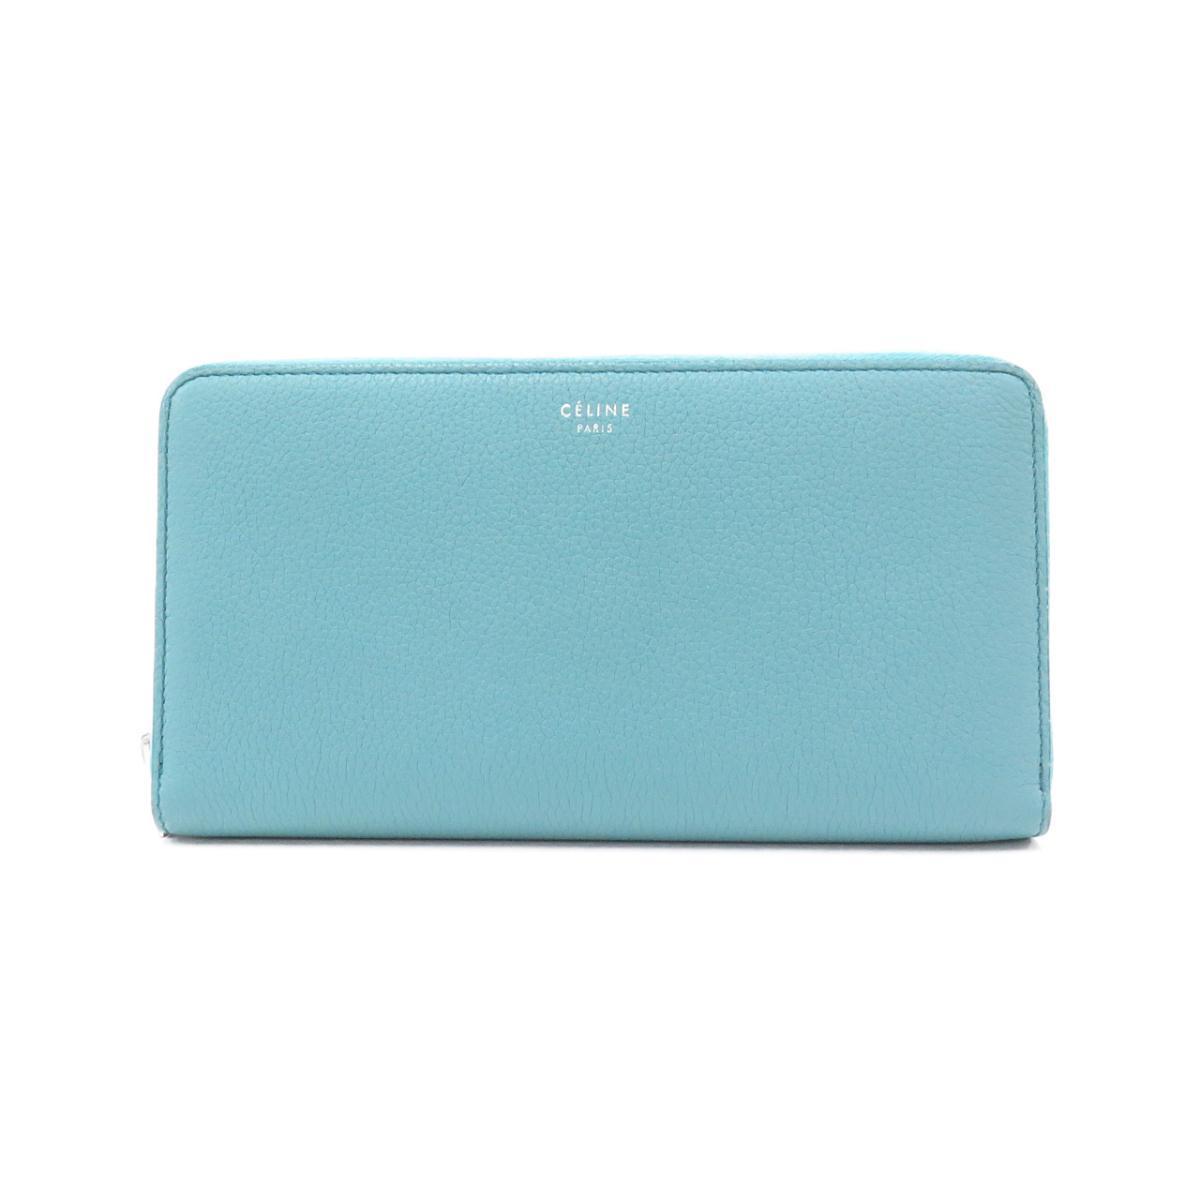 セリーヌ 財布105003AU8【中古】